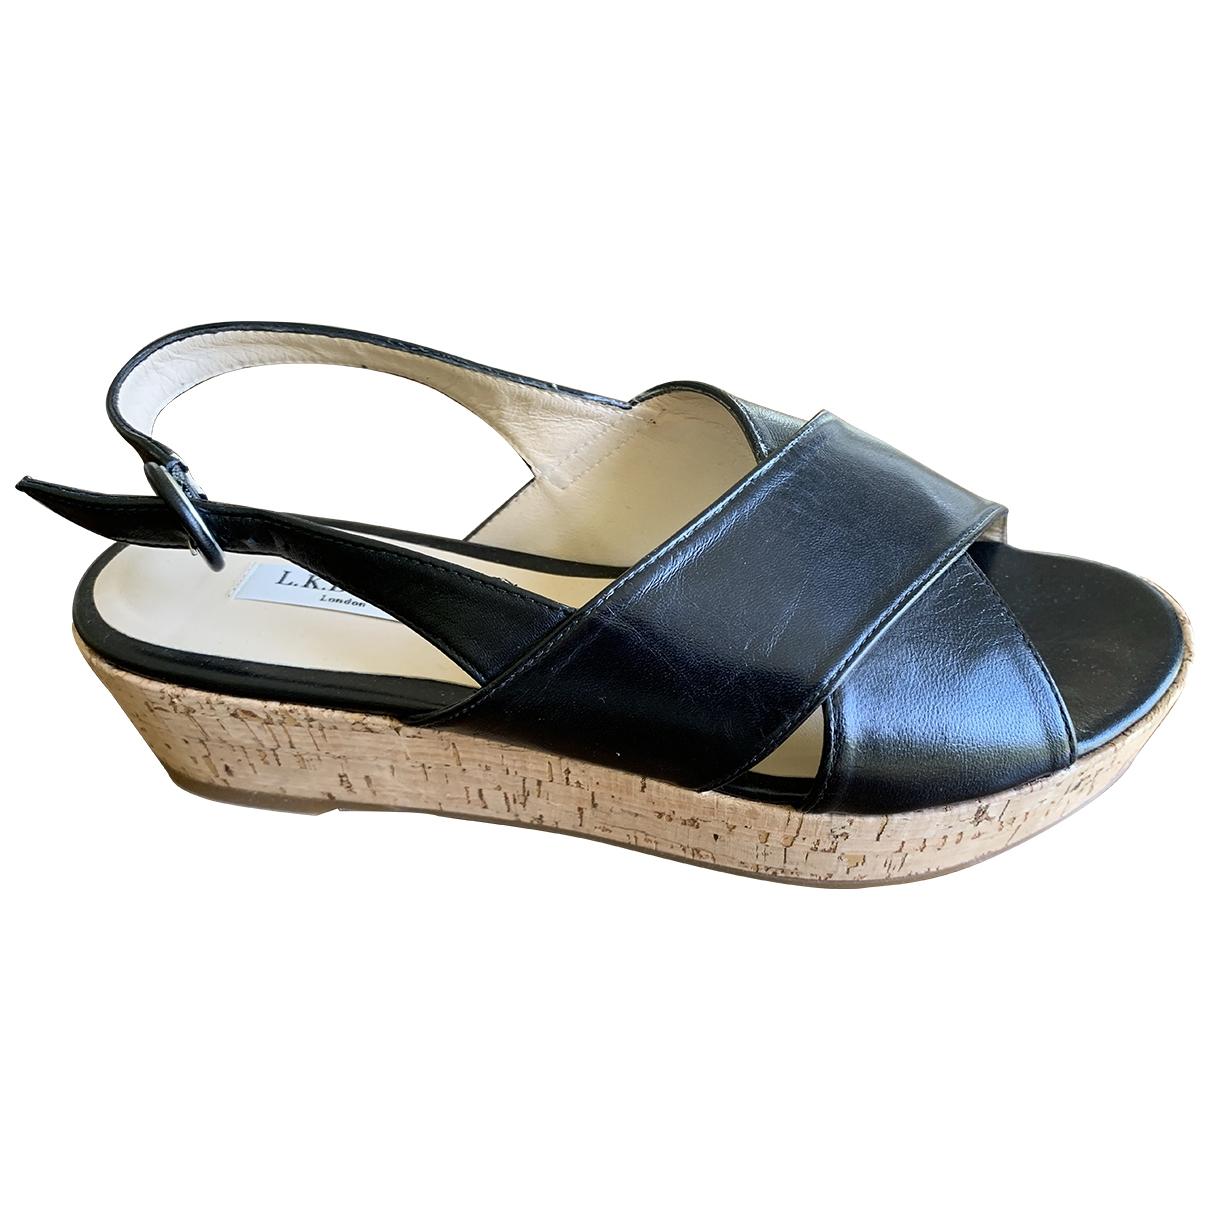 Lk Bennett \N Black Leather Sandals for Women 39 EU